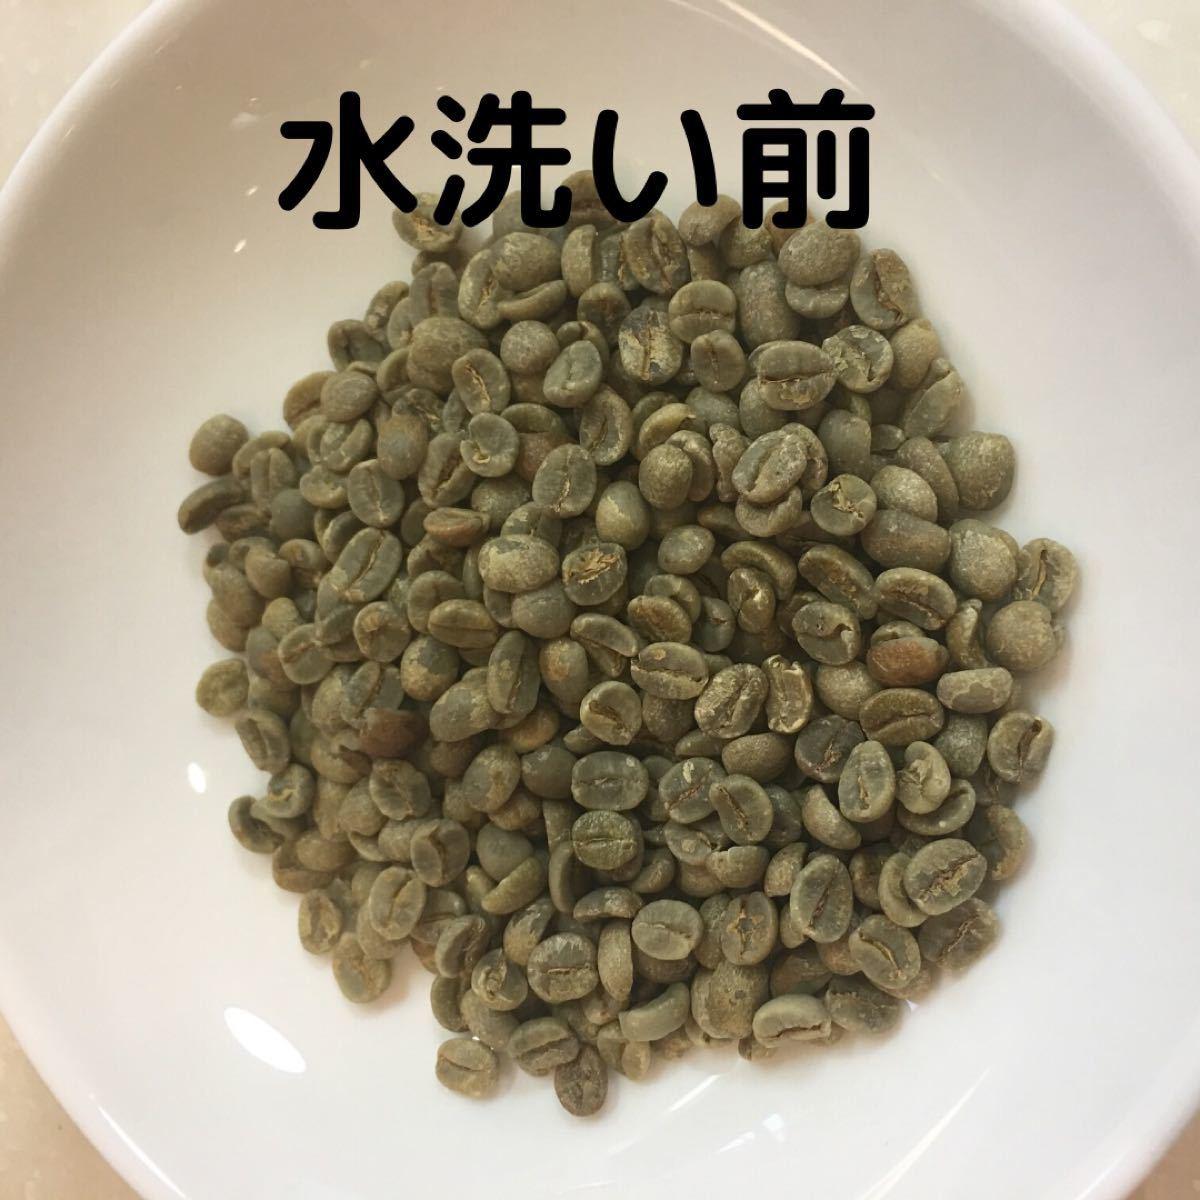 自家焙煎 インドネシア マンデリンシナール 300g 豆又は粉 匿名配送